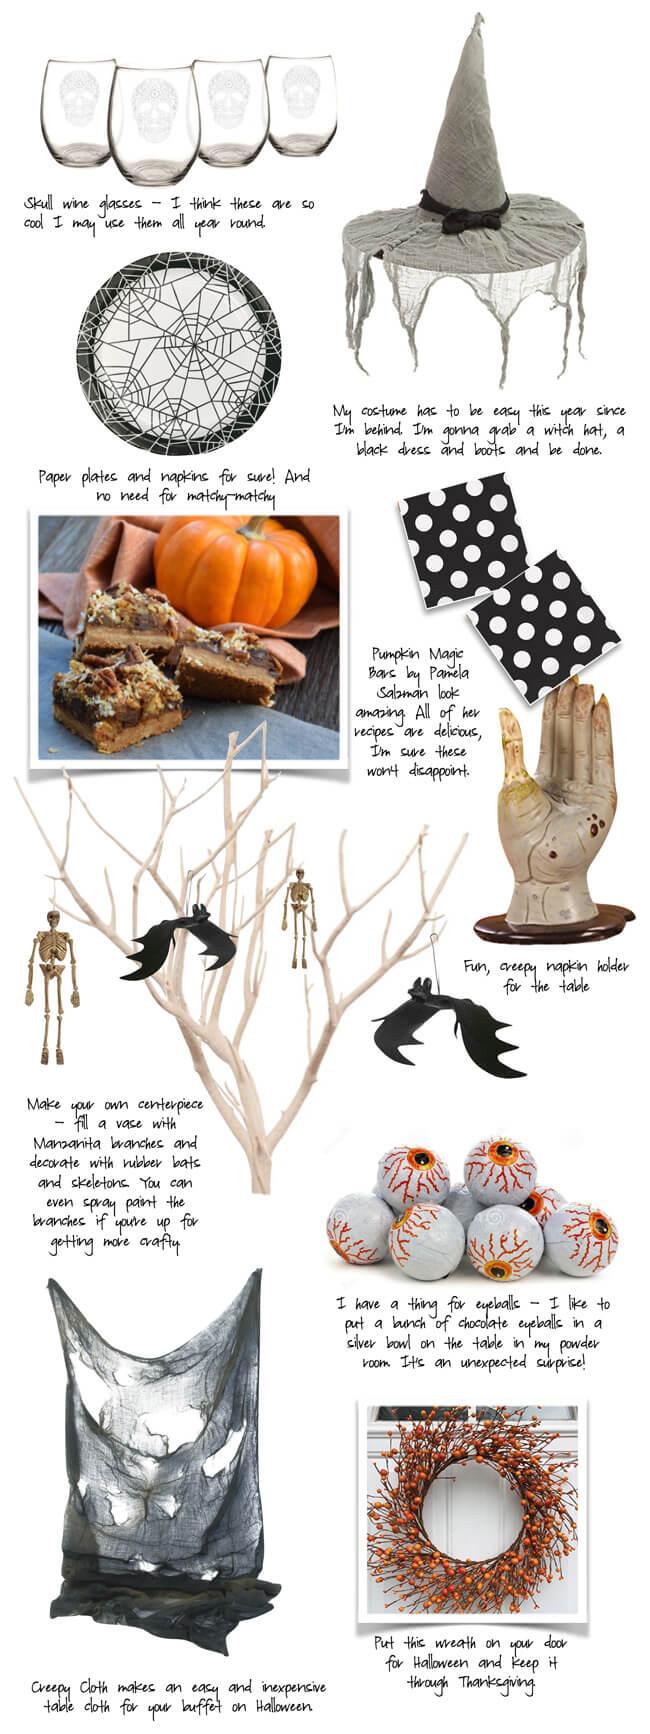 Halloween Entertaining